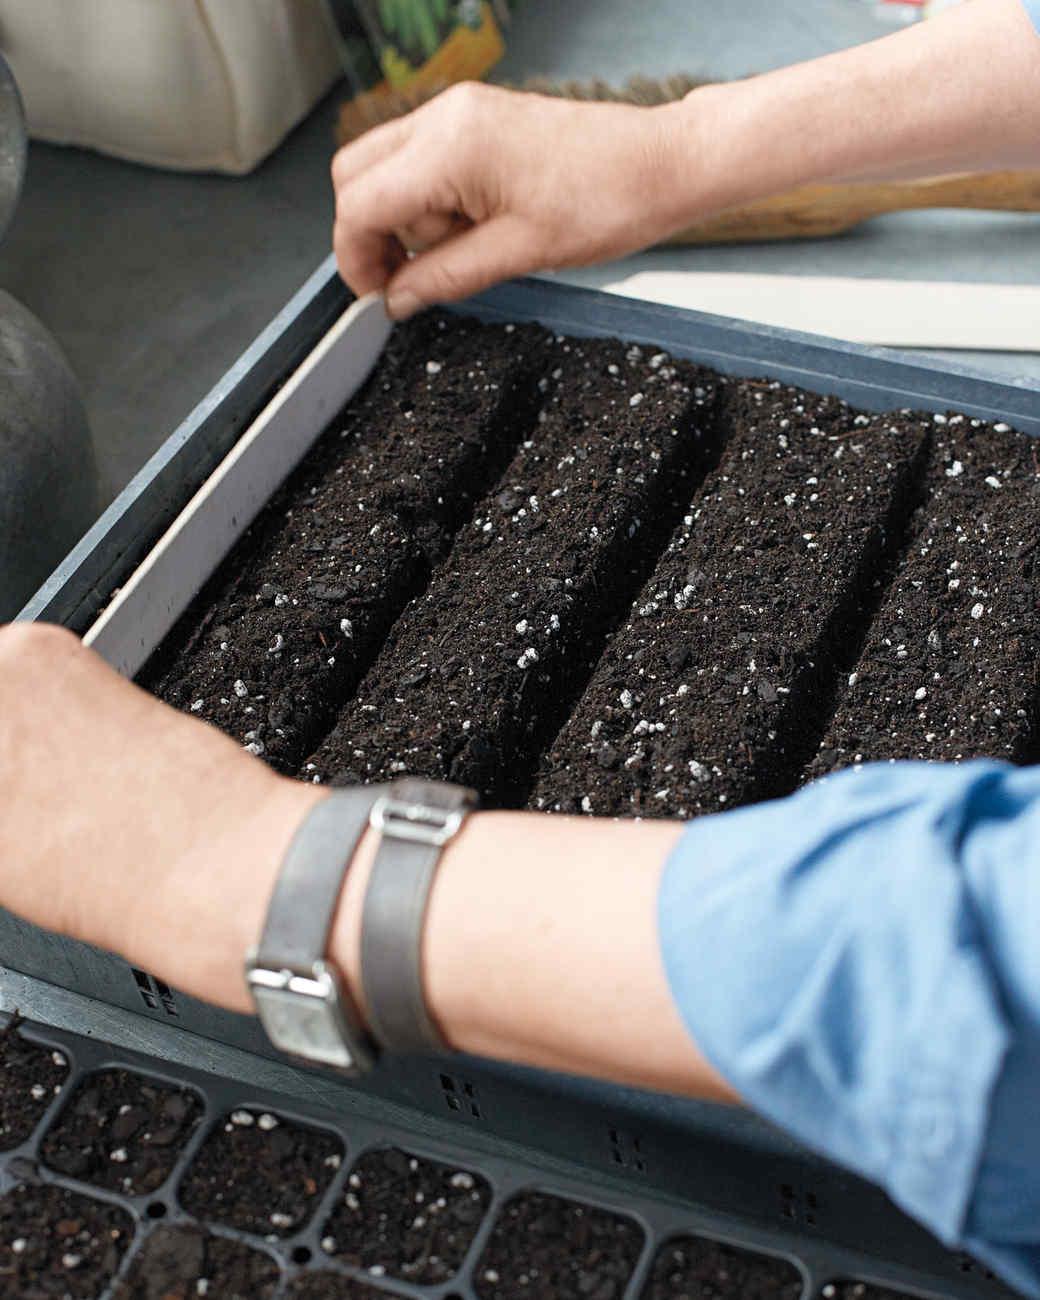 seed-sowing-1-mld108042.jpg